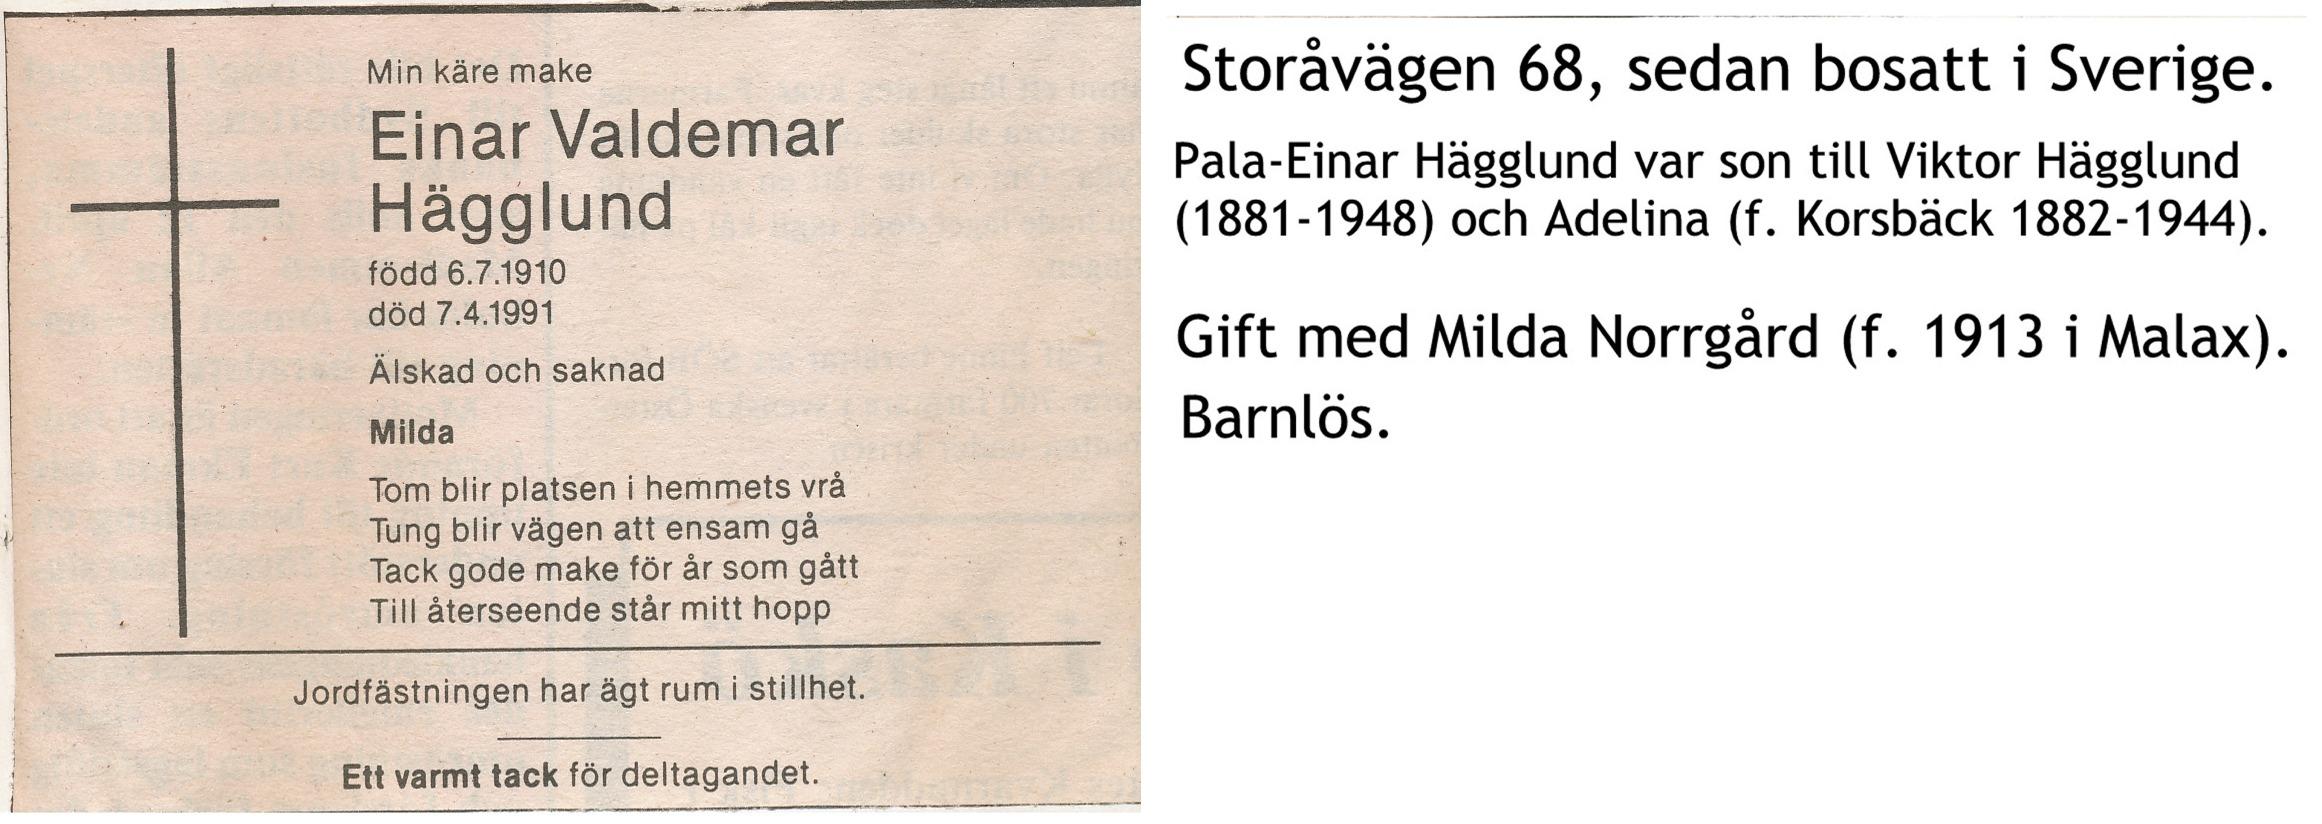 Hägglund Einar